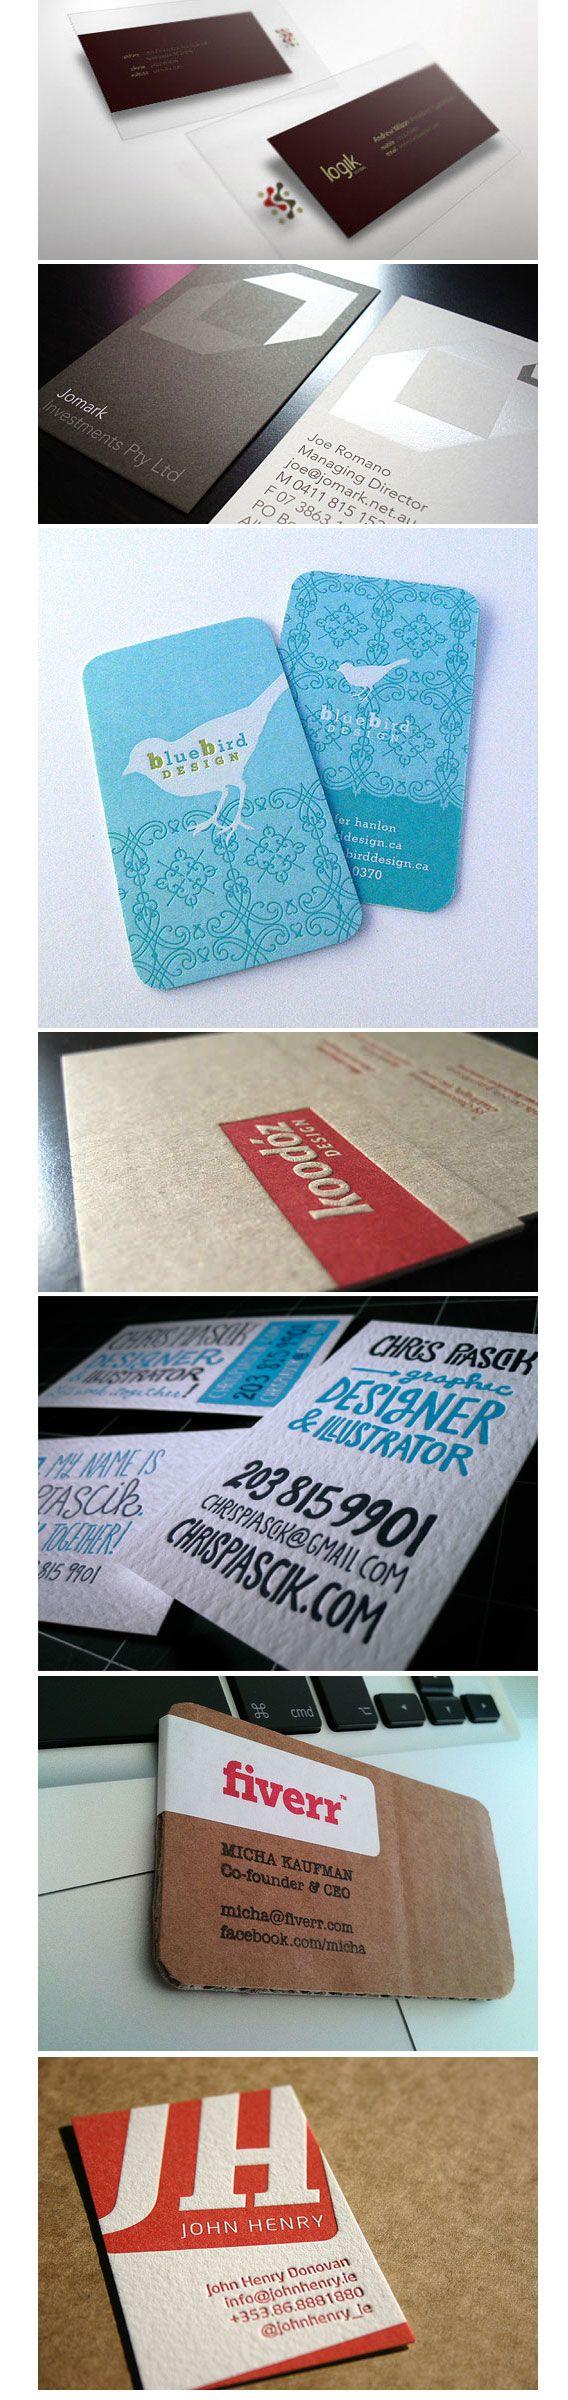 40 best design.inspiration images on Pinterest | Editorial design ...